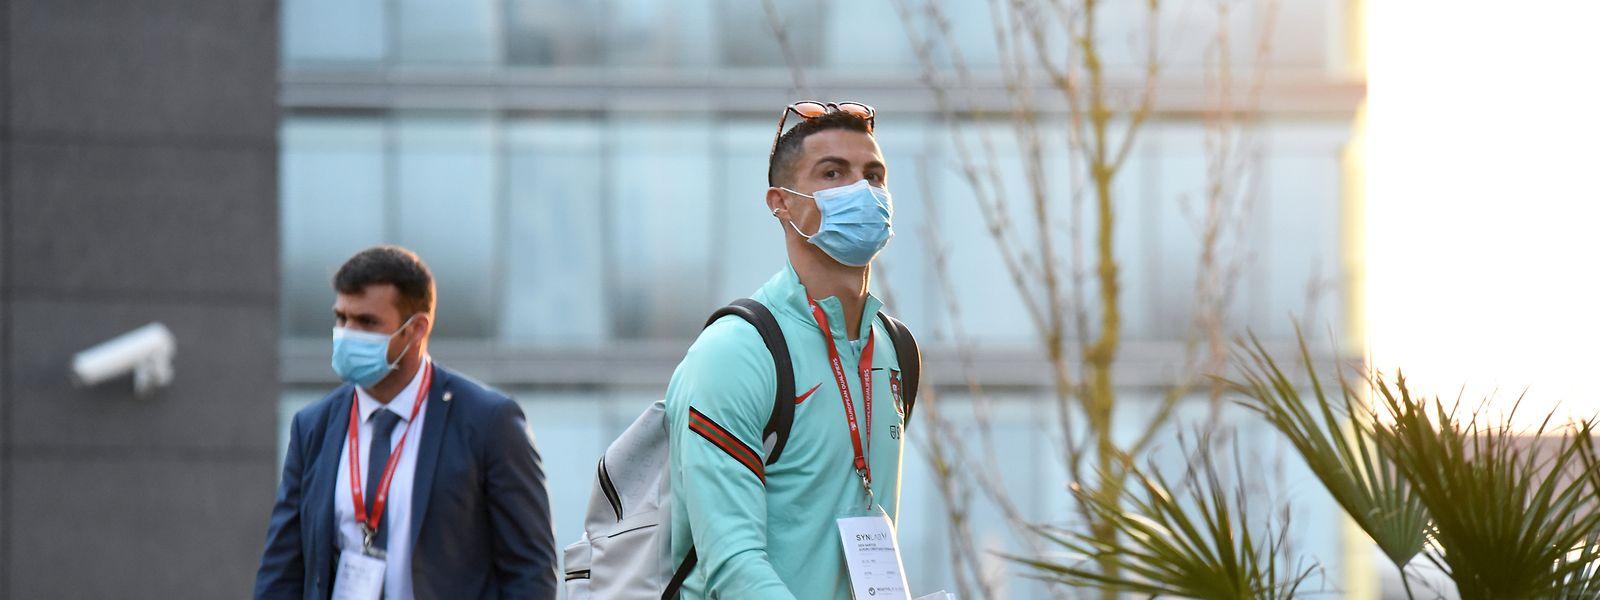 Cristiano Ronaldo à chegada ao hotel, em Kirchberg, na capital, este domingo à tarde.